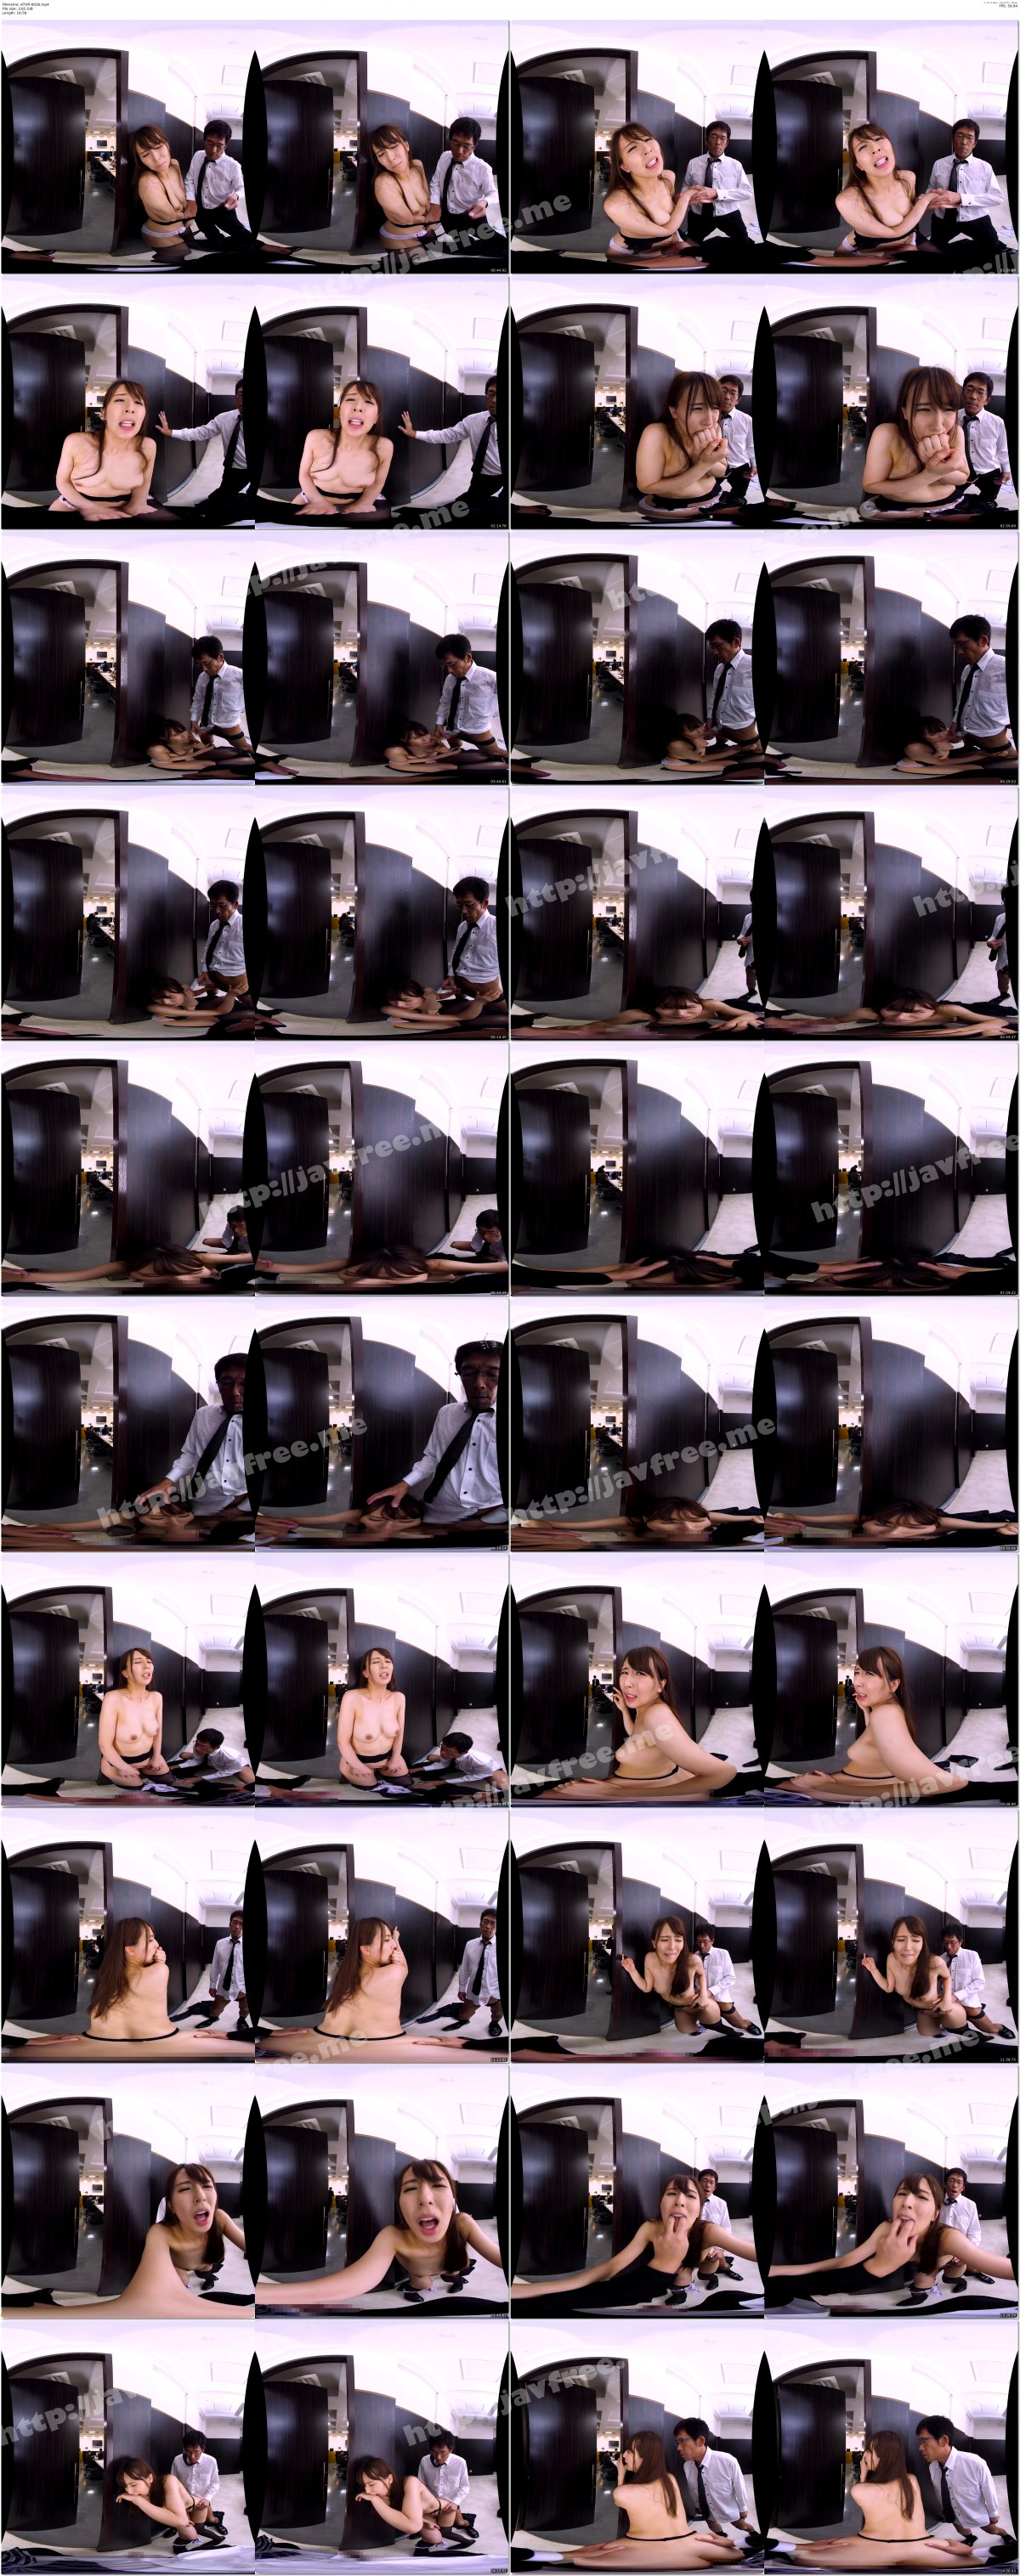 [ATVR-003] 【VR】絶対に声を出してはいけない状況が癖になる!「臨場感」と「スリル」で社内一の美人OLを犯して堕とす! 声を出したらバレる状況で犯す! サイレントレイプVR 希崎ジェシカ - image ATVR-003b on https://javfree.me